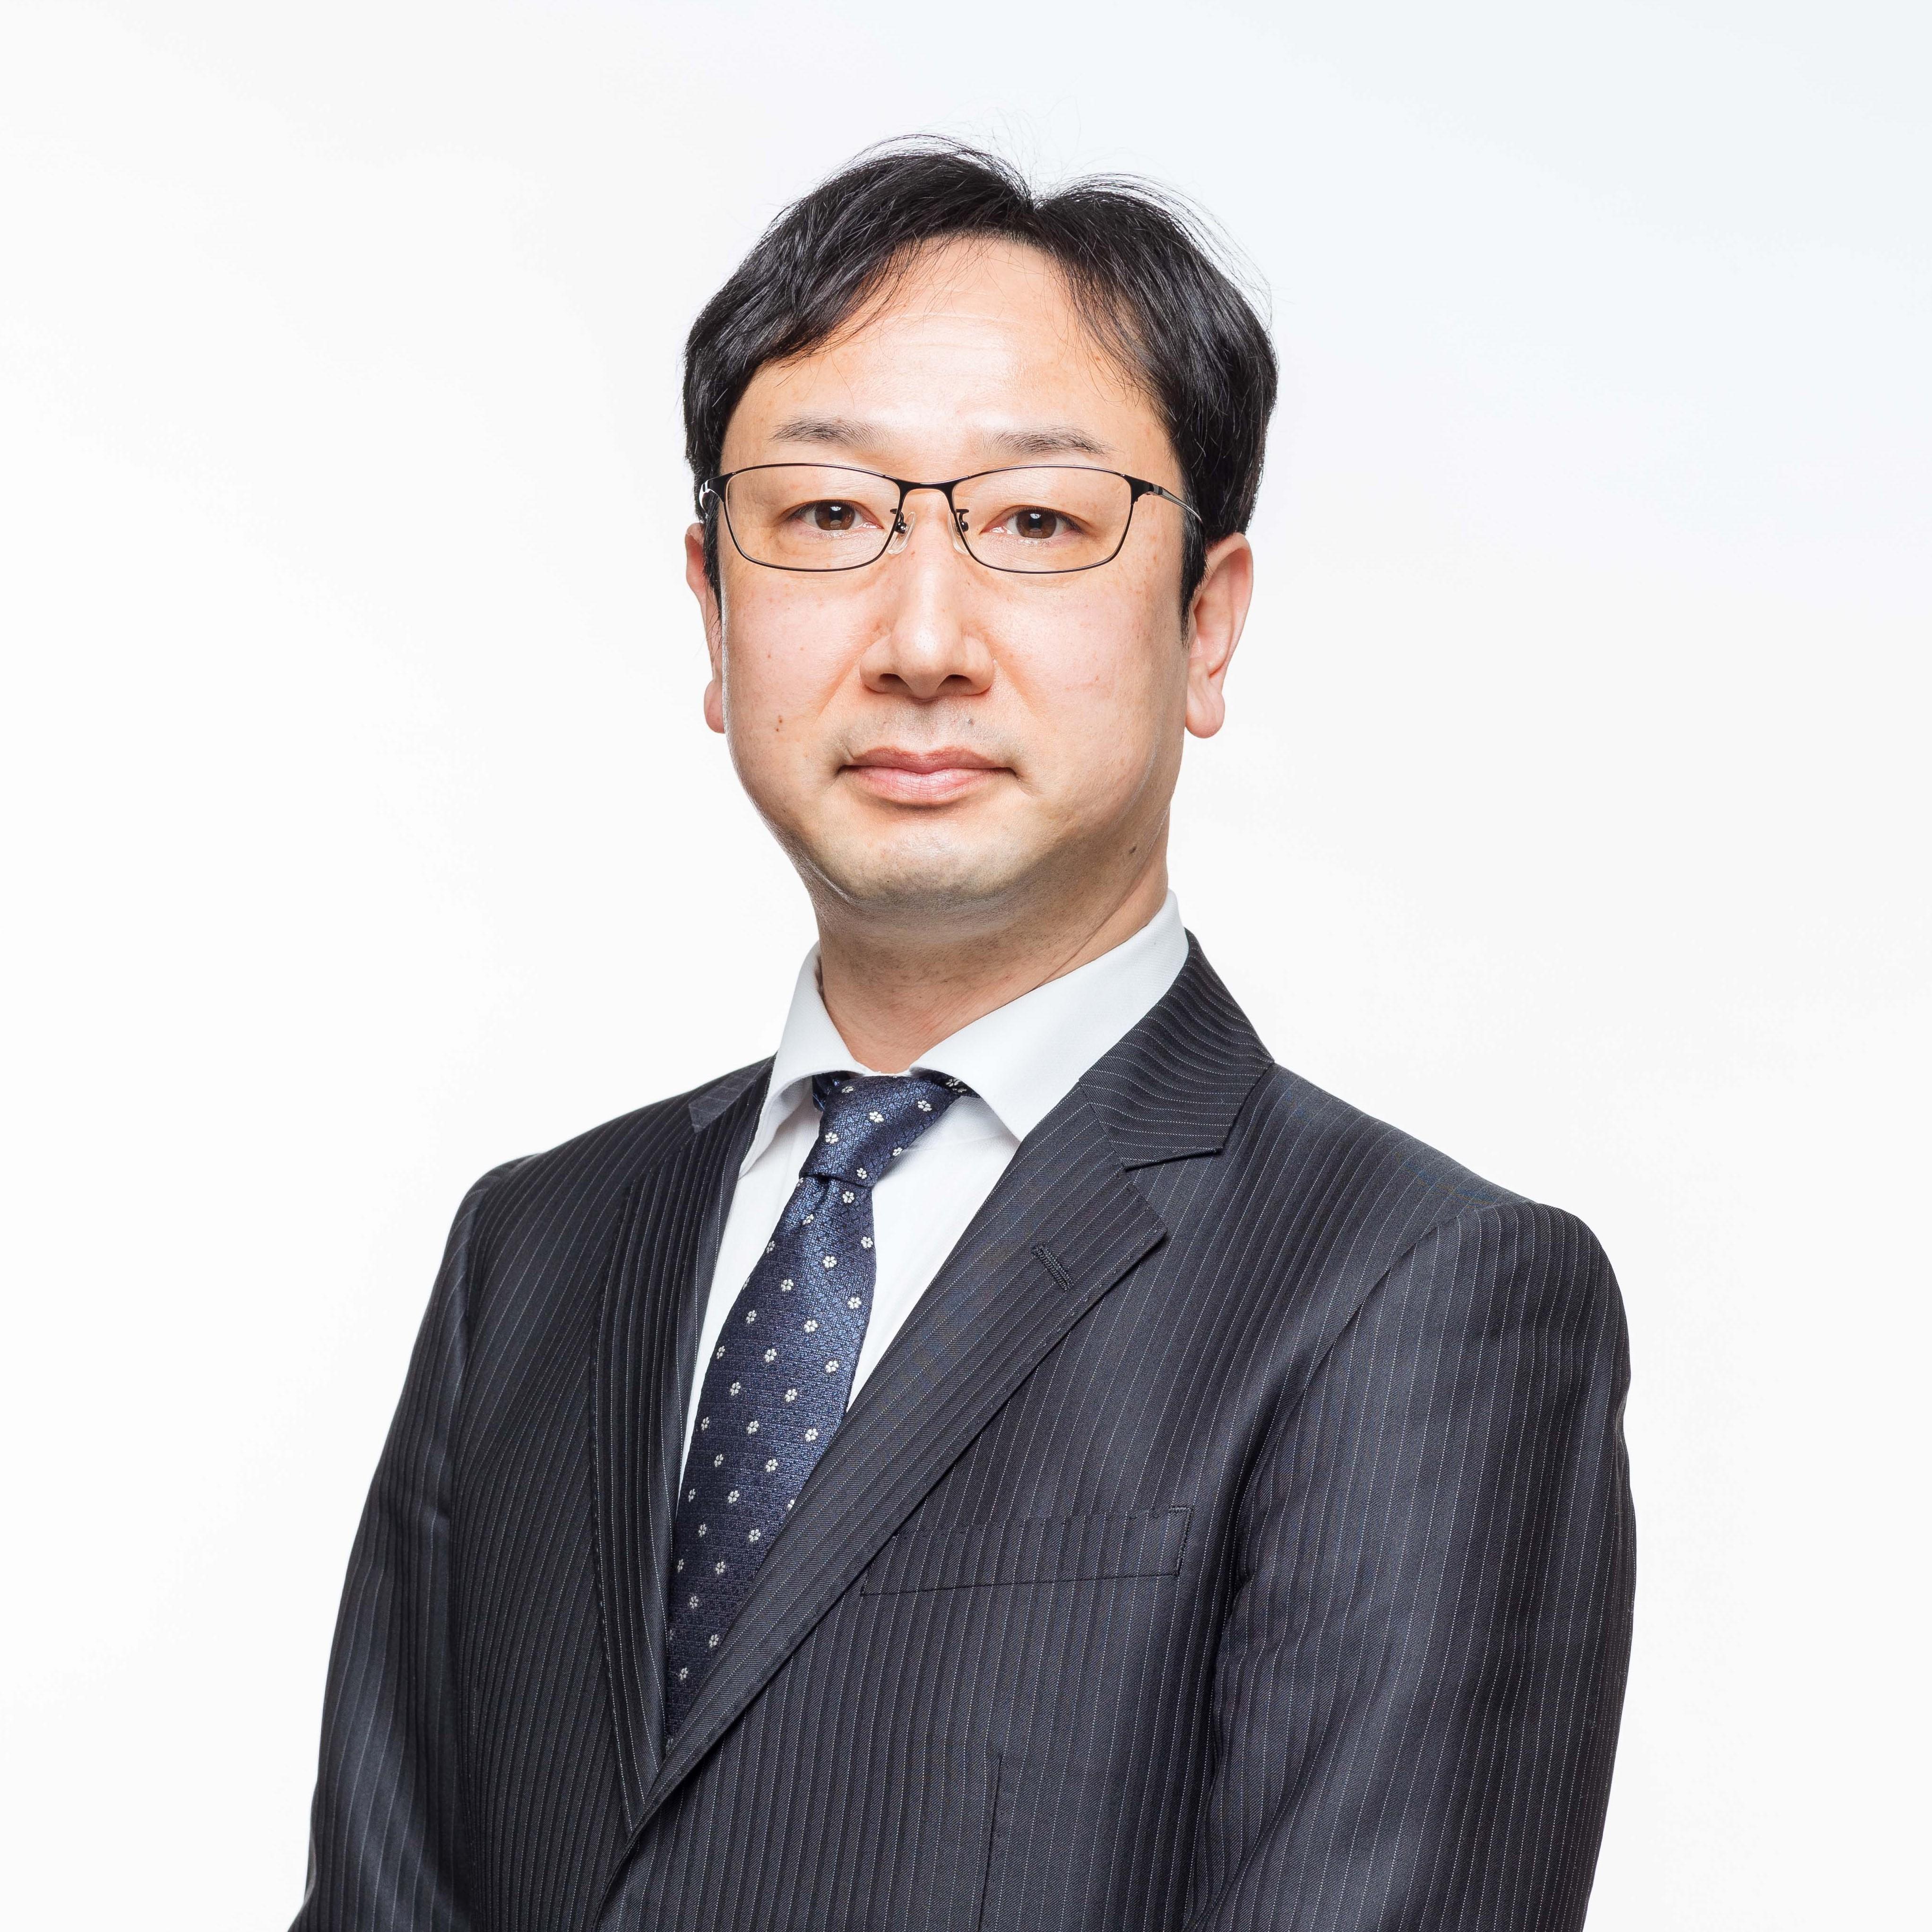 Hirokazu Hoshino